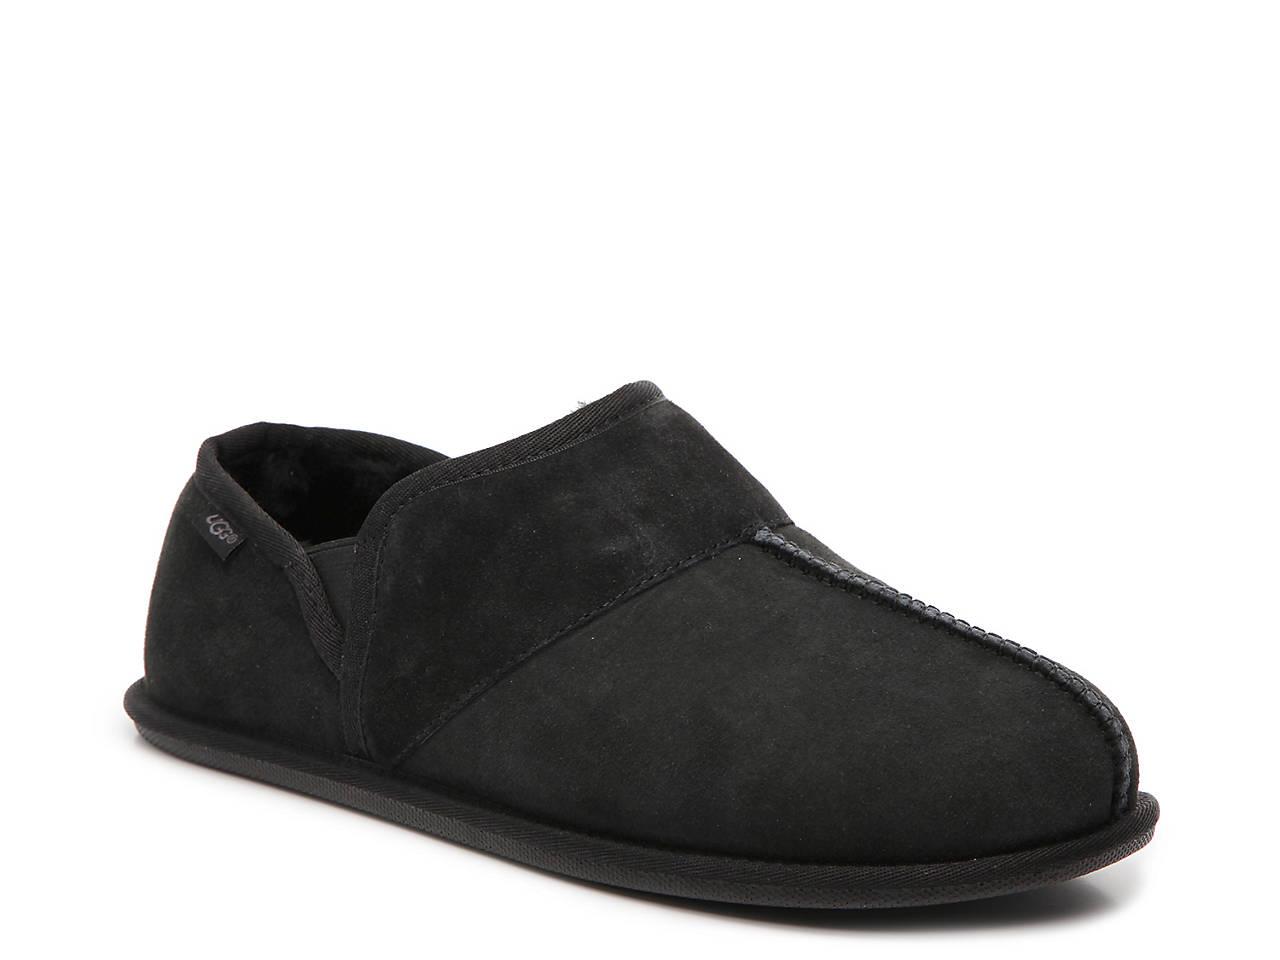 UGG Leisure Slipper Men s Shoes  ea300b2e5